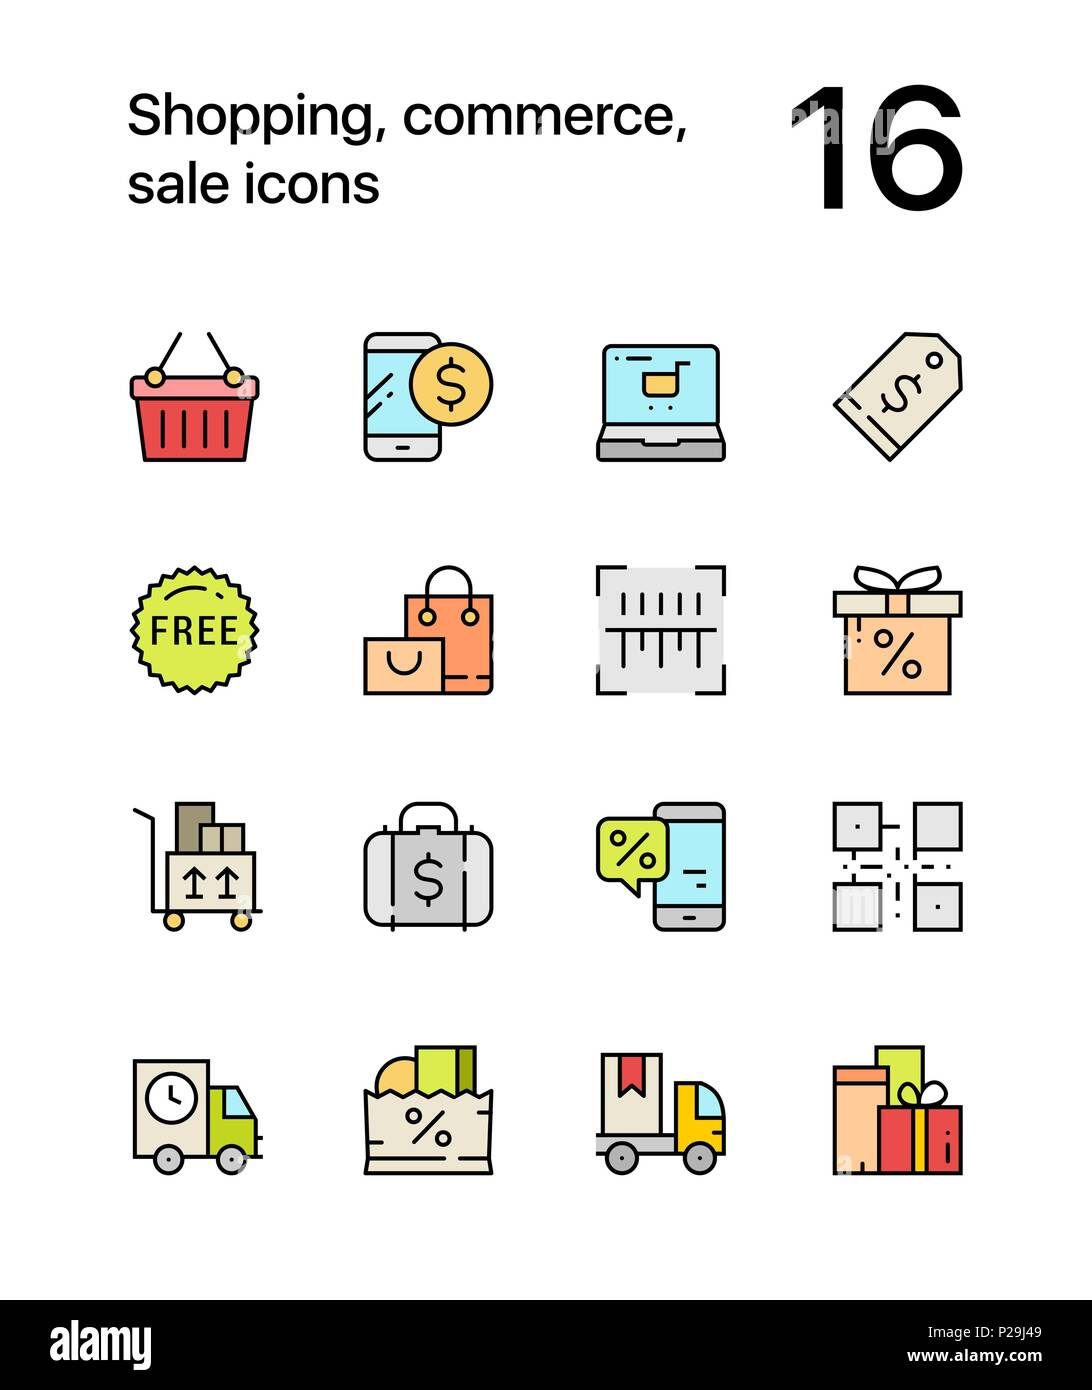 Compras Coloreado Comercio Venta De Iconos Para Web Y